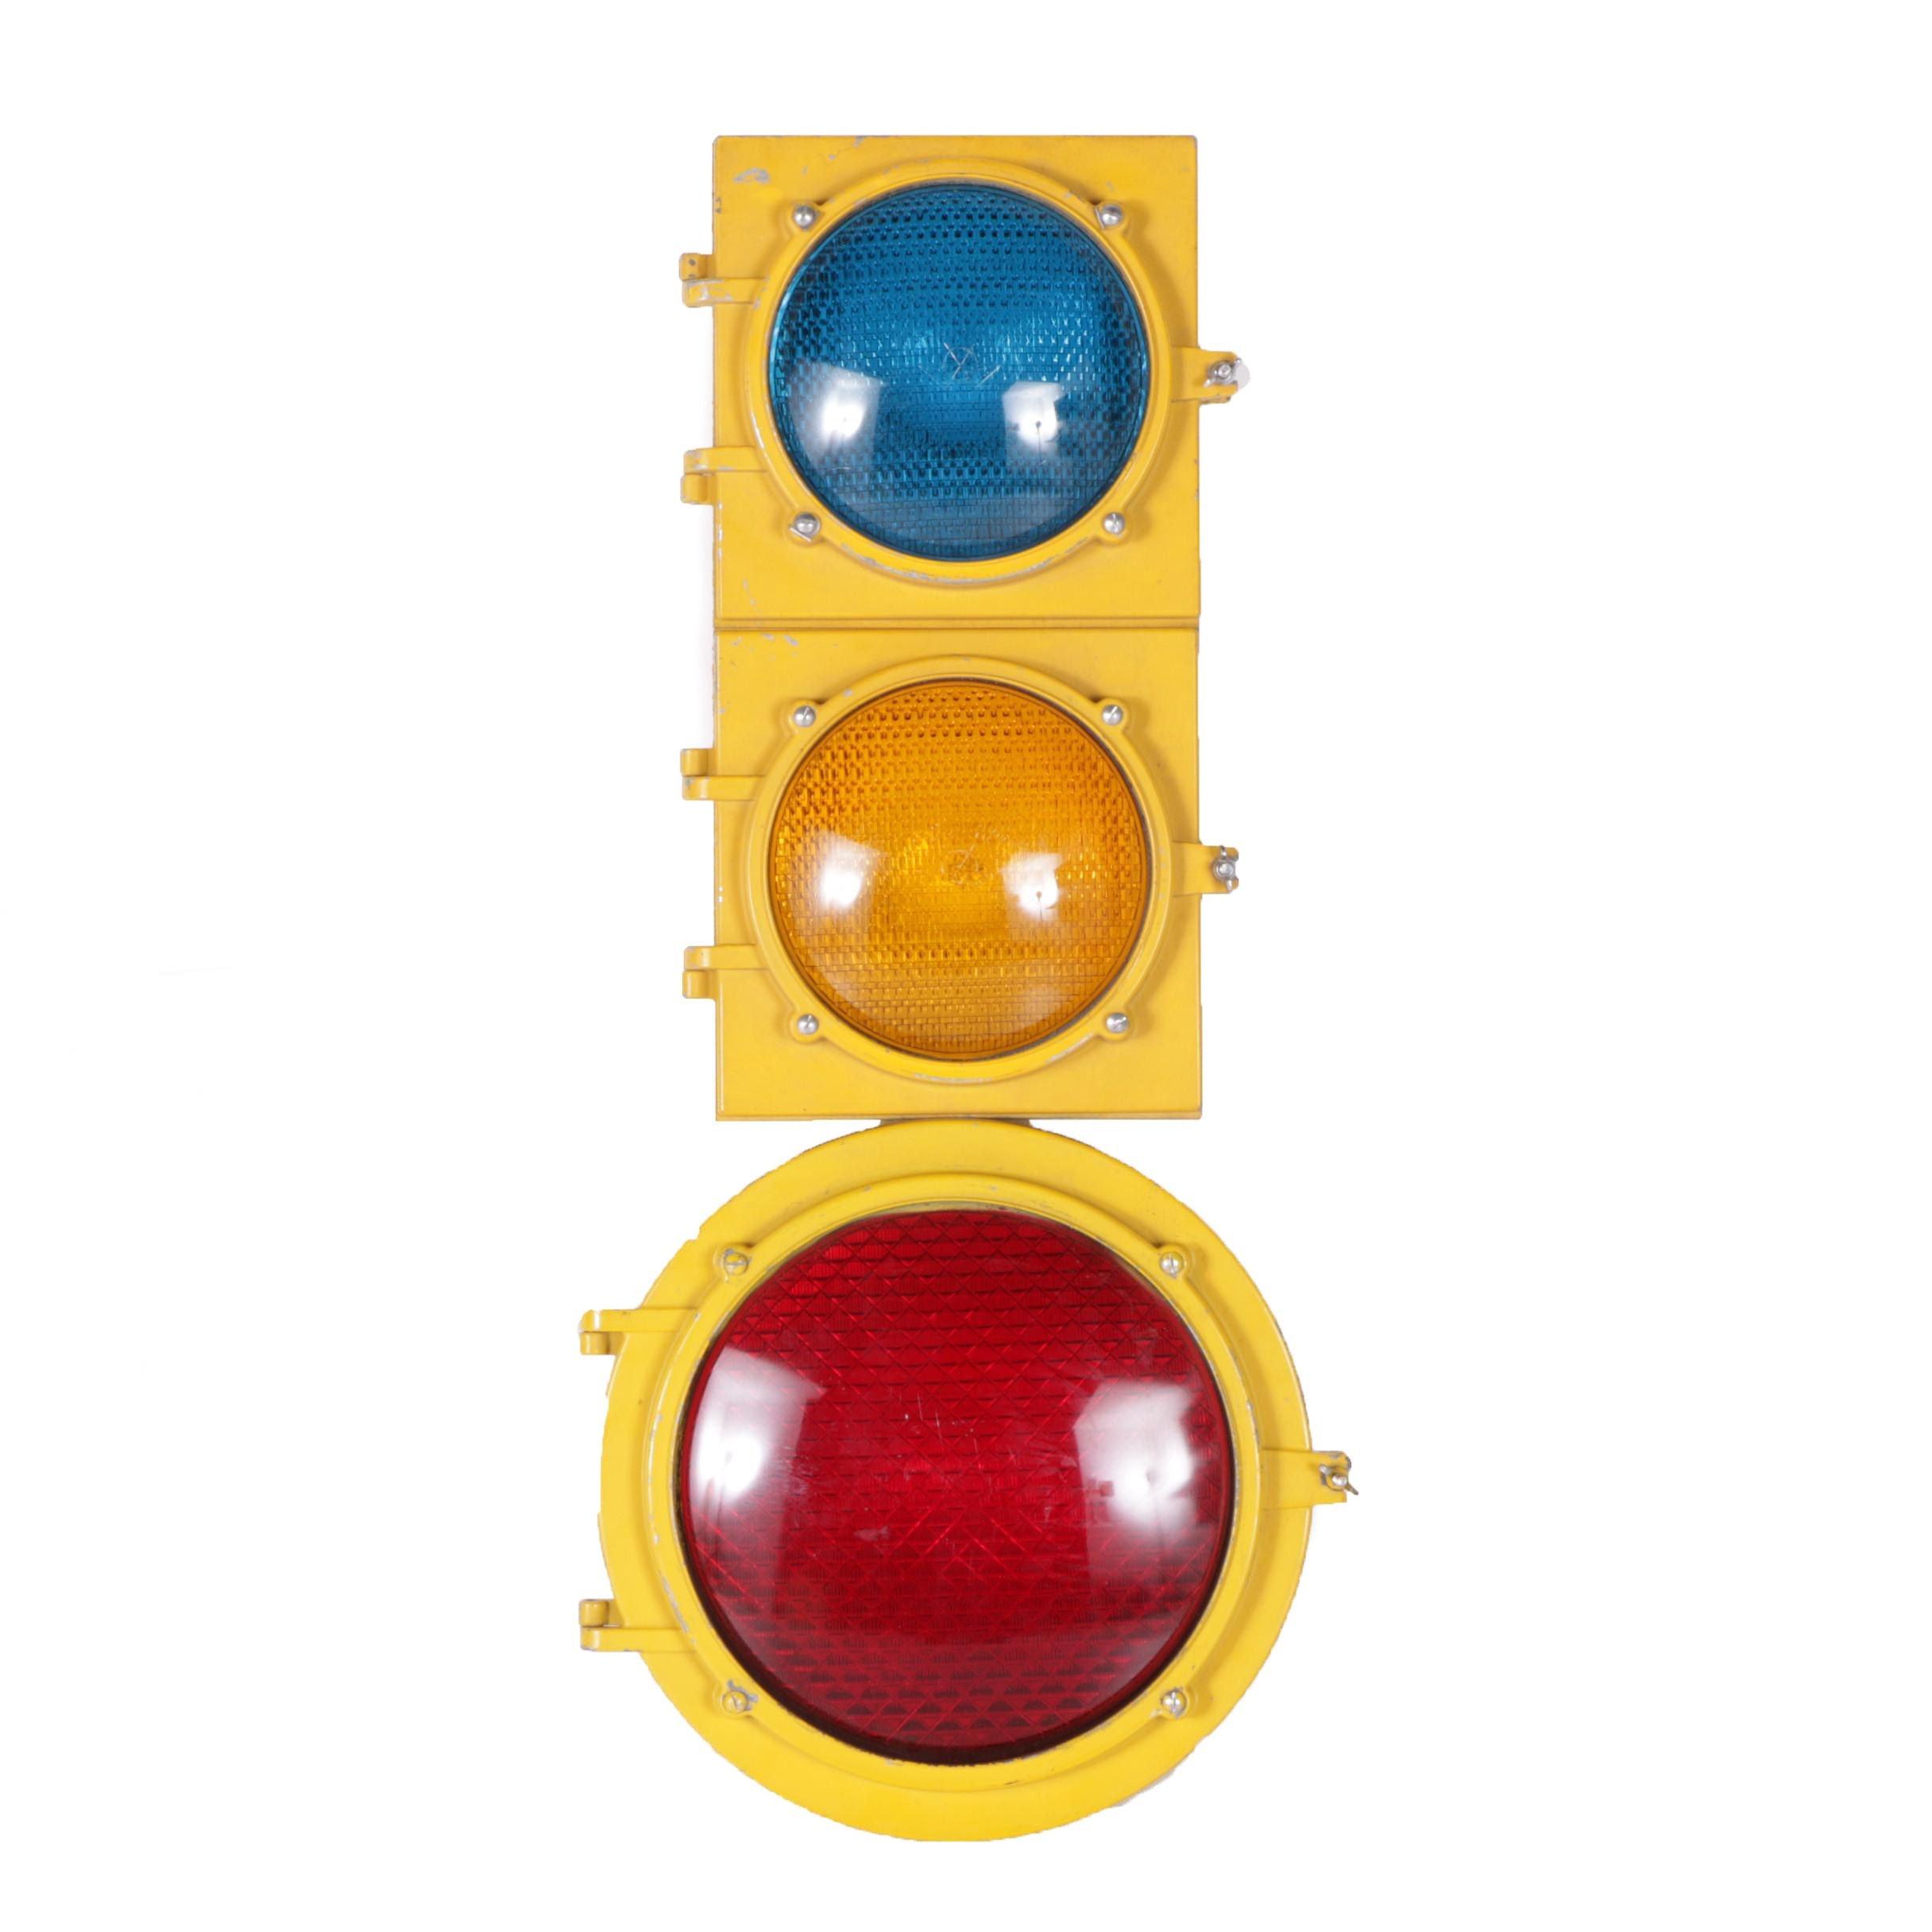 Vintage Econolite Traffic Light